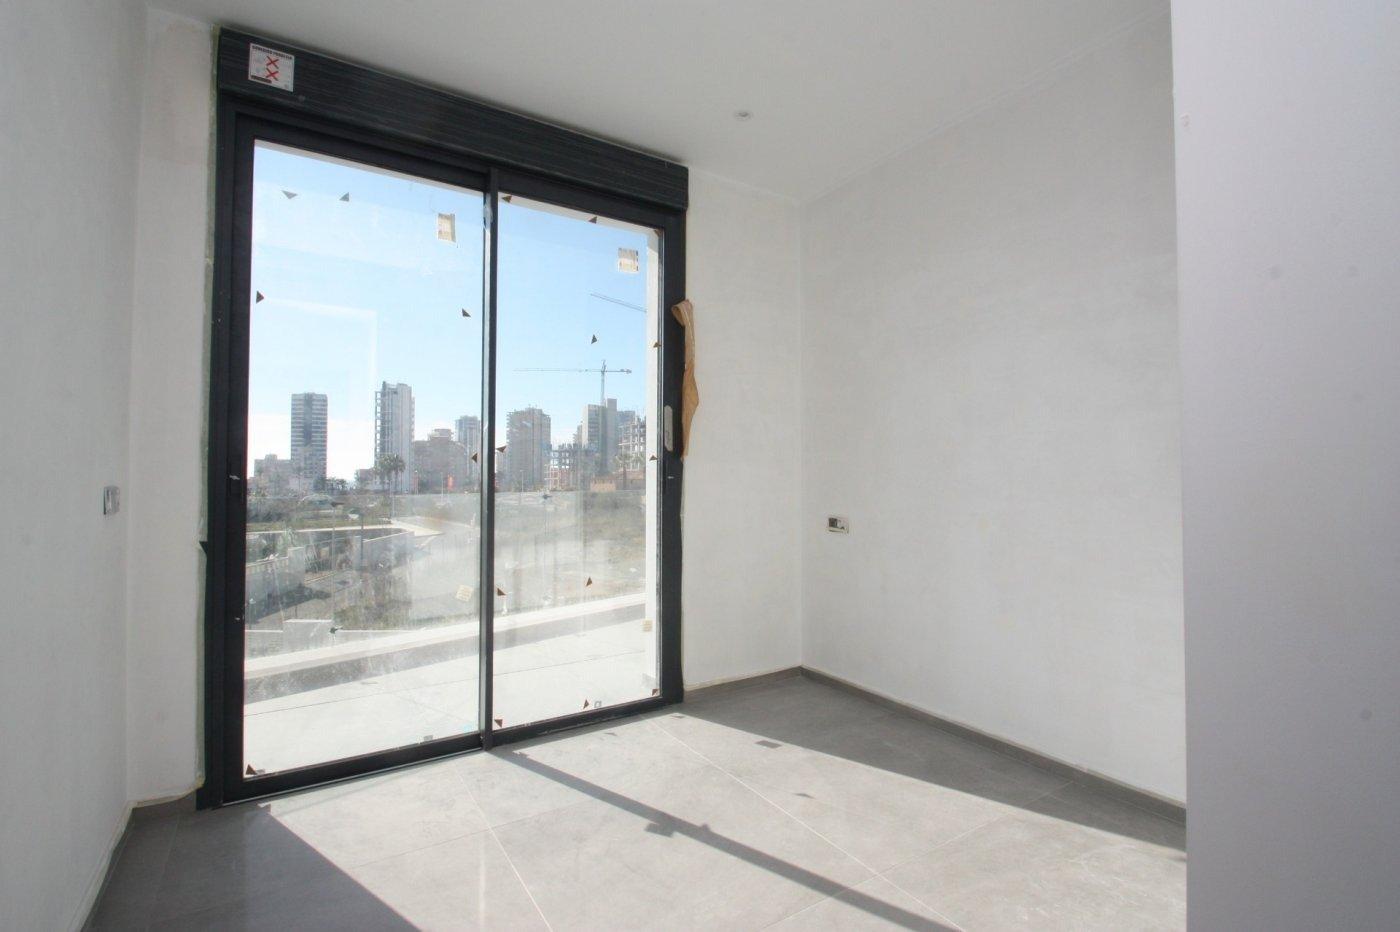 Villa de obra nueva de estilo moderno en venta en calpe a 600 m de la playa - imagenInmueble24